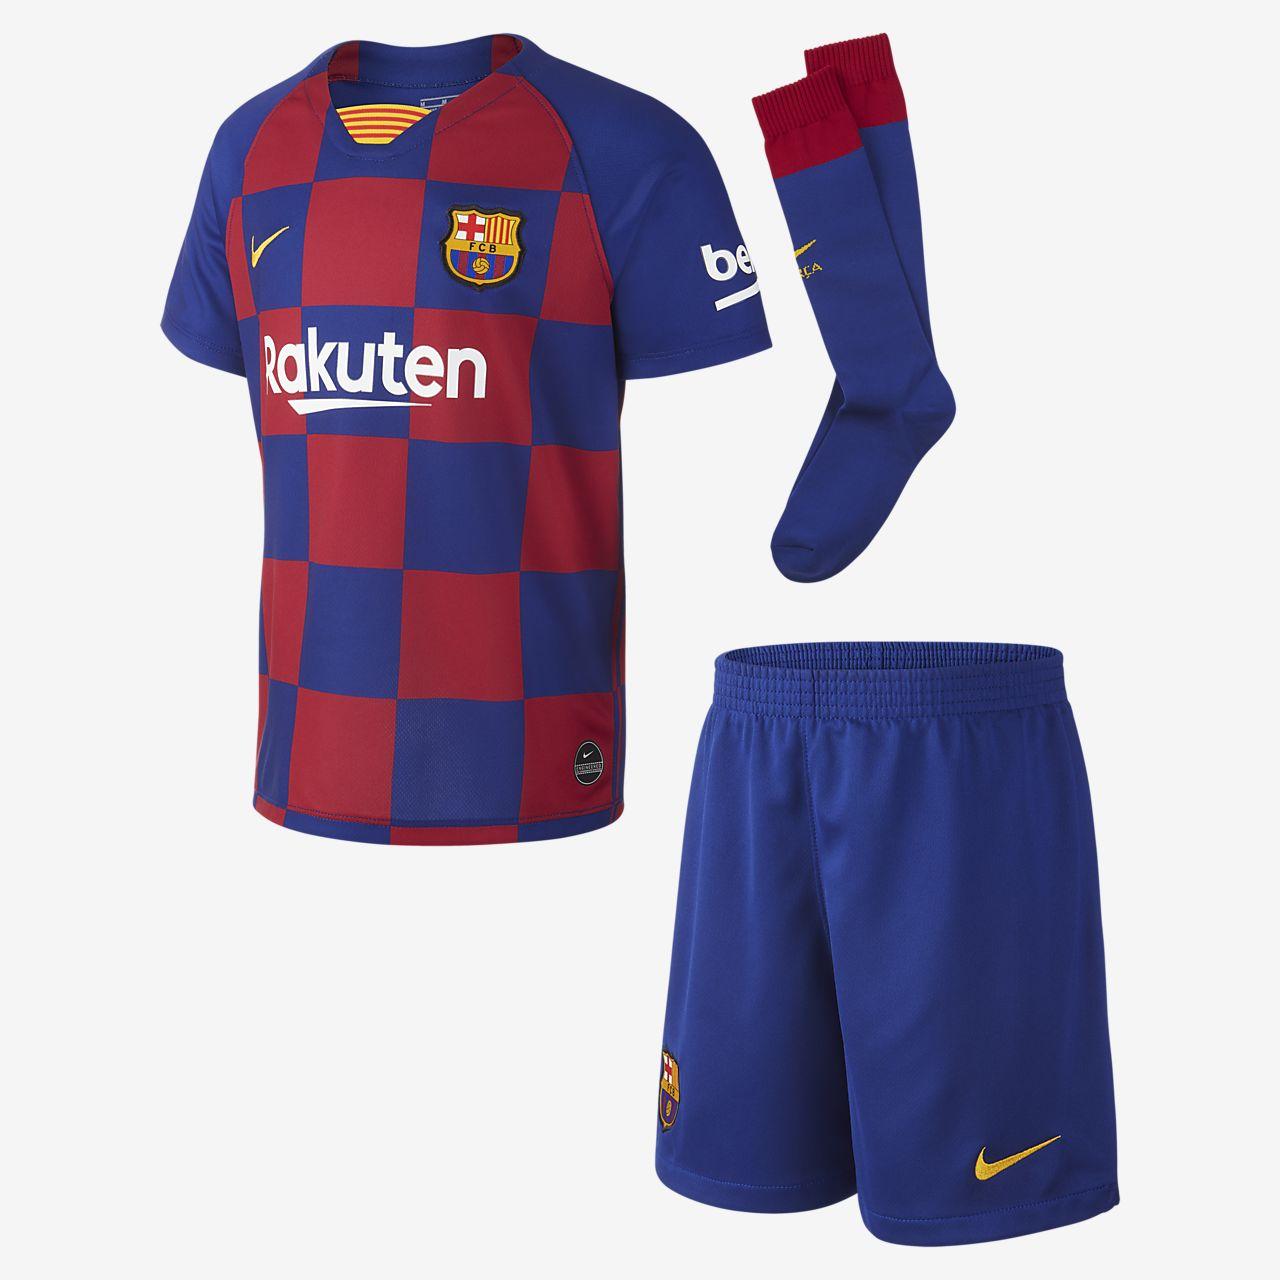 Equipamento de futebol FC Barcelona 2019/20 Home para criança